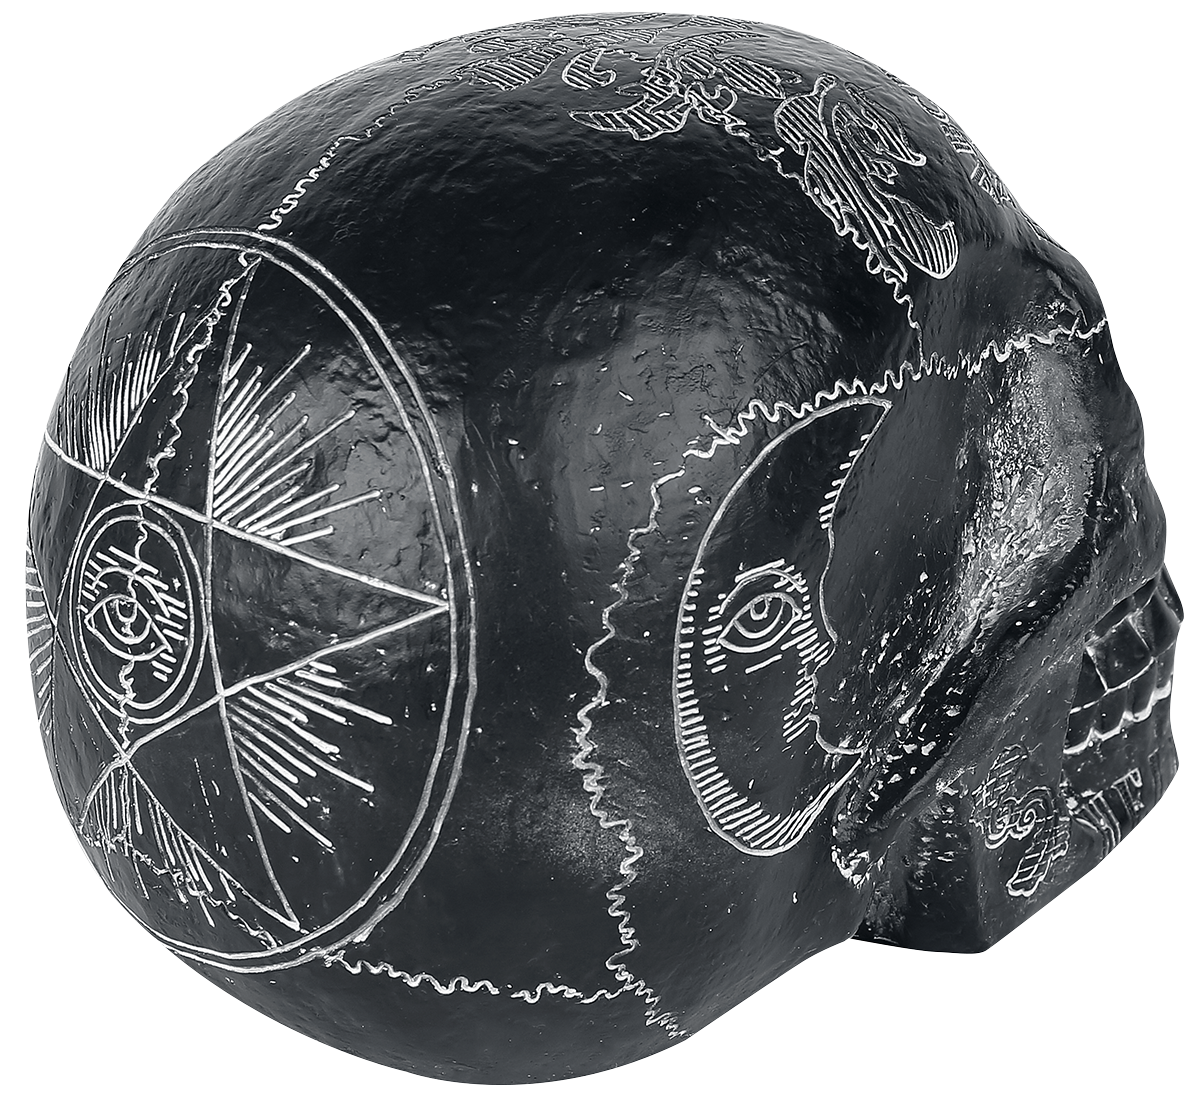 Image of Nemesis Now Dark Spirits Skull Deko-Schädel Standard